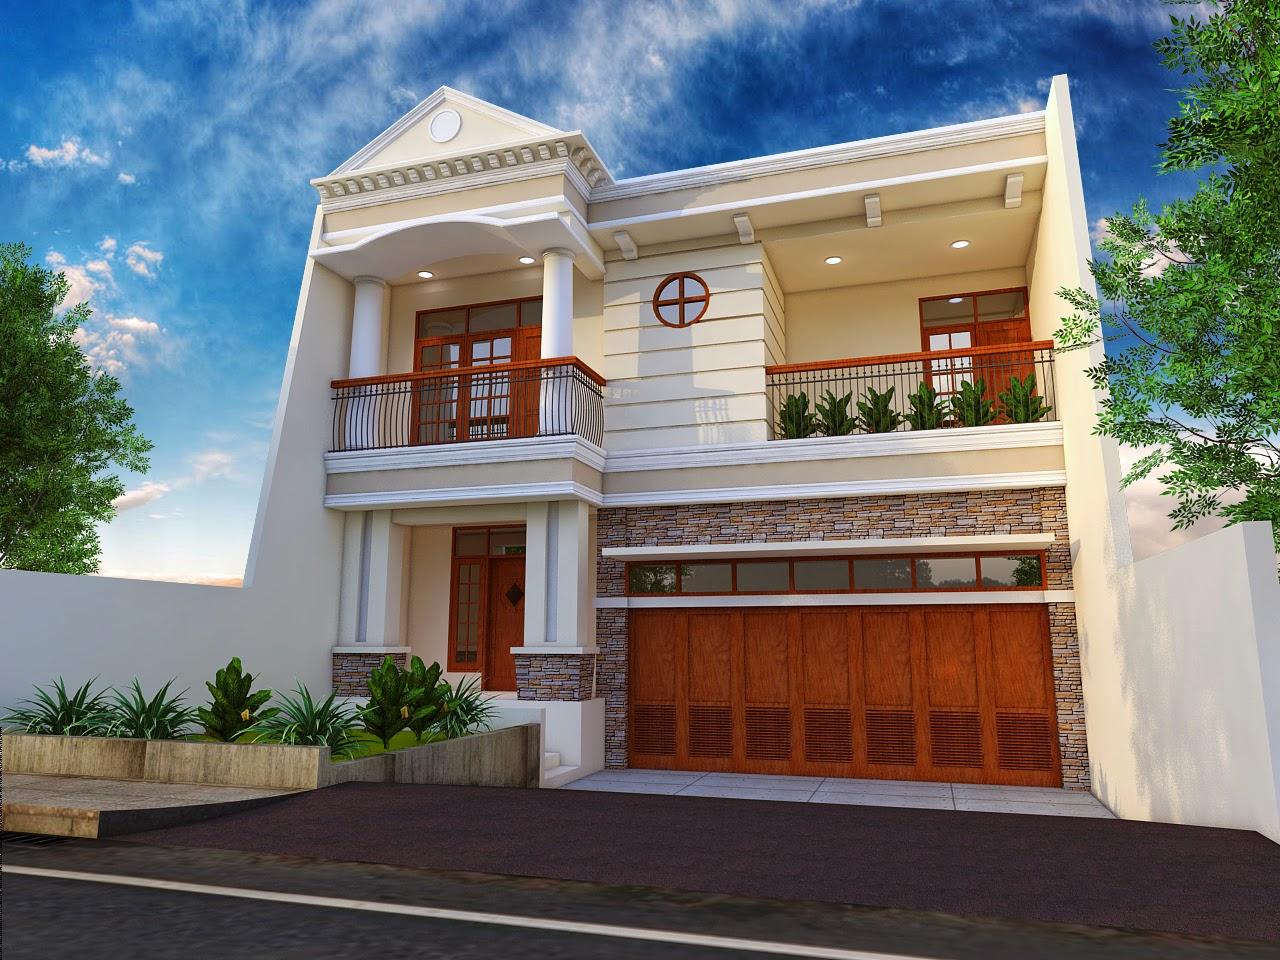 47 Gambar Desain Rumah Minimalis Klasik Modern 1 Lantai ...